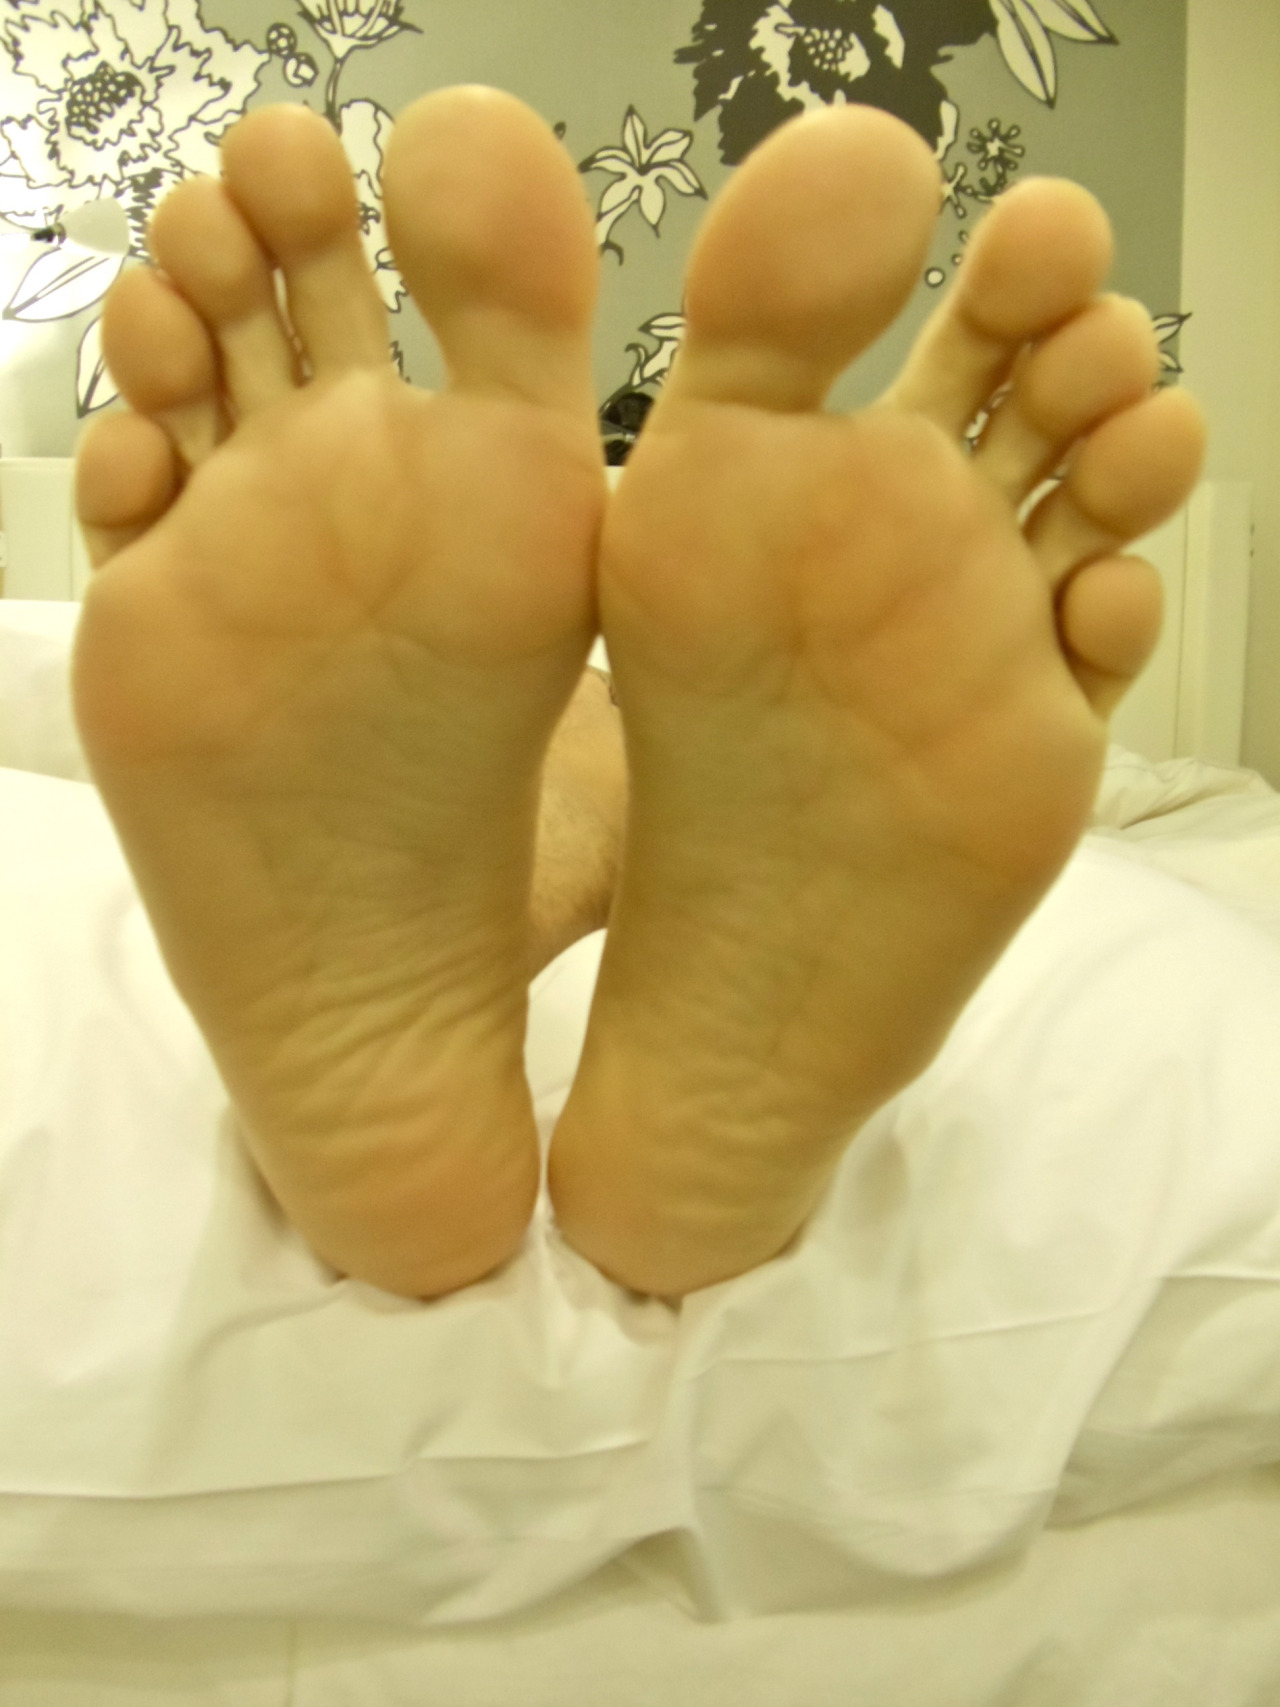 Boys's feet #37